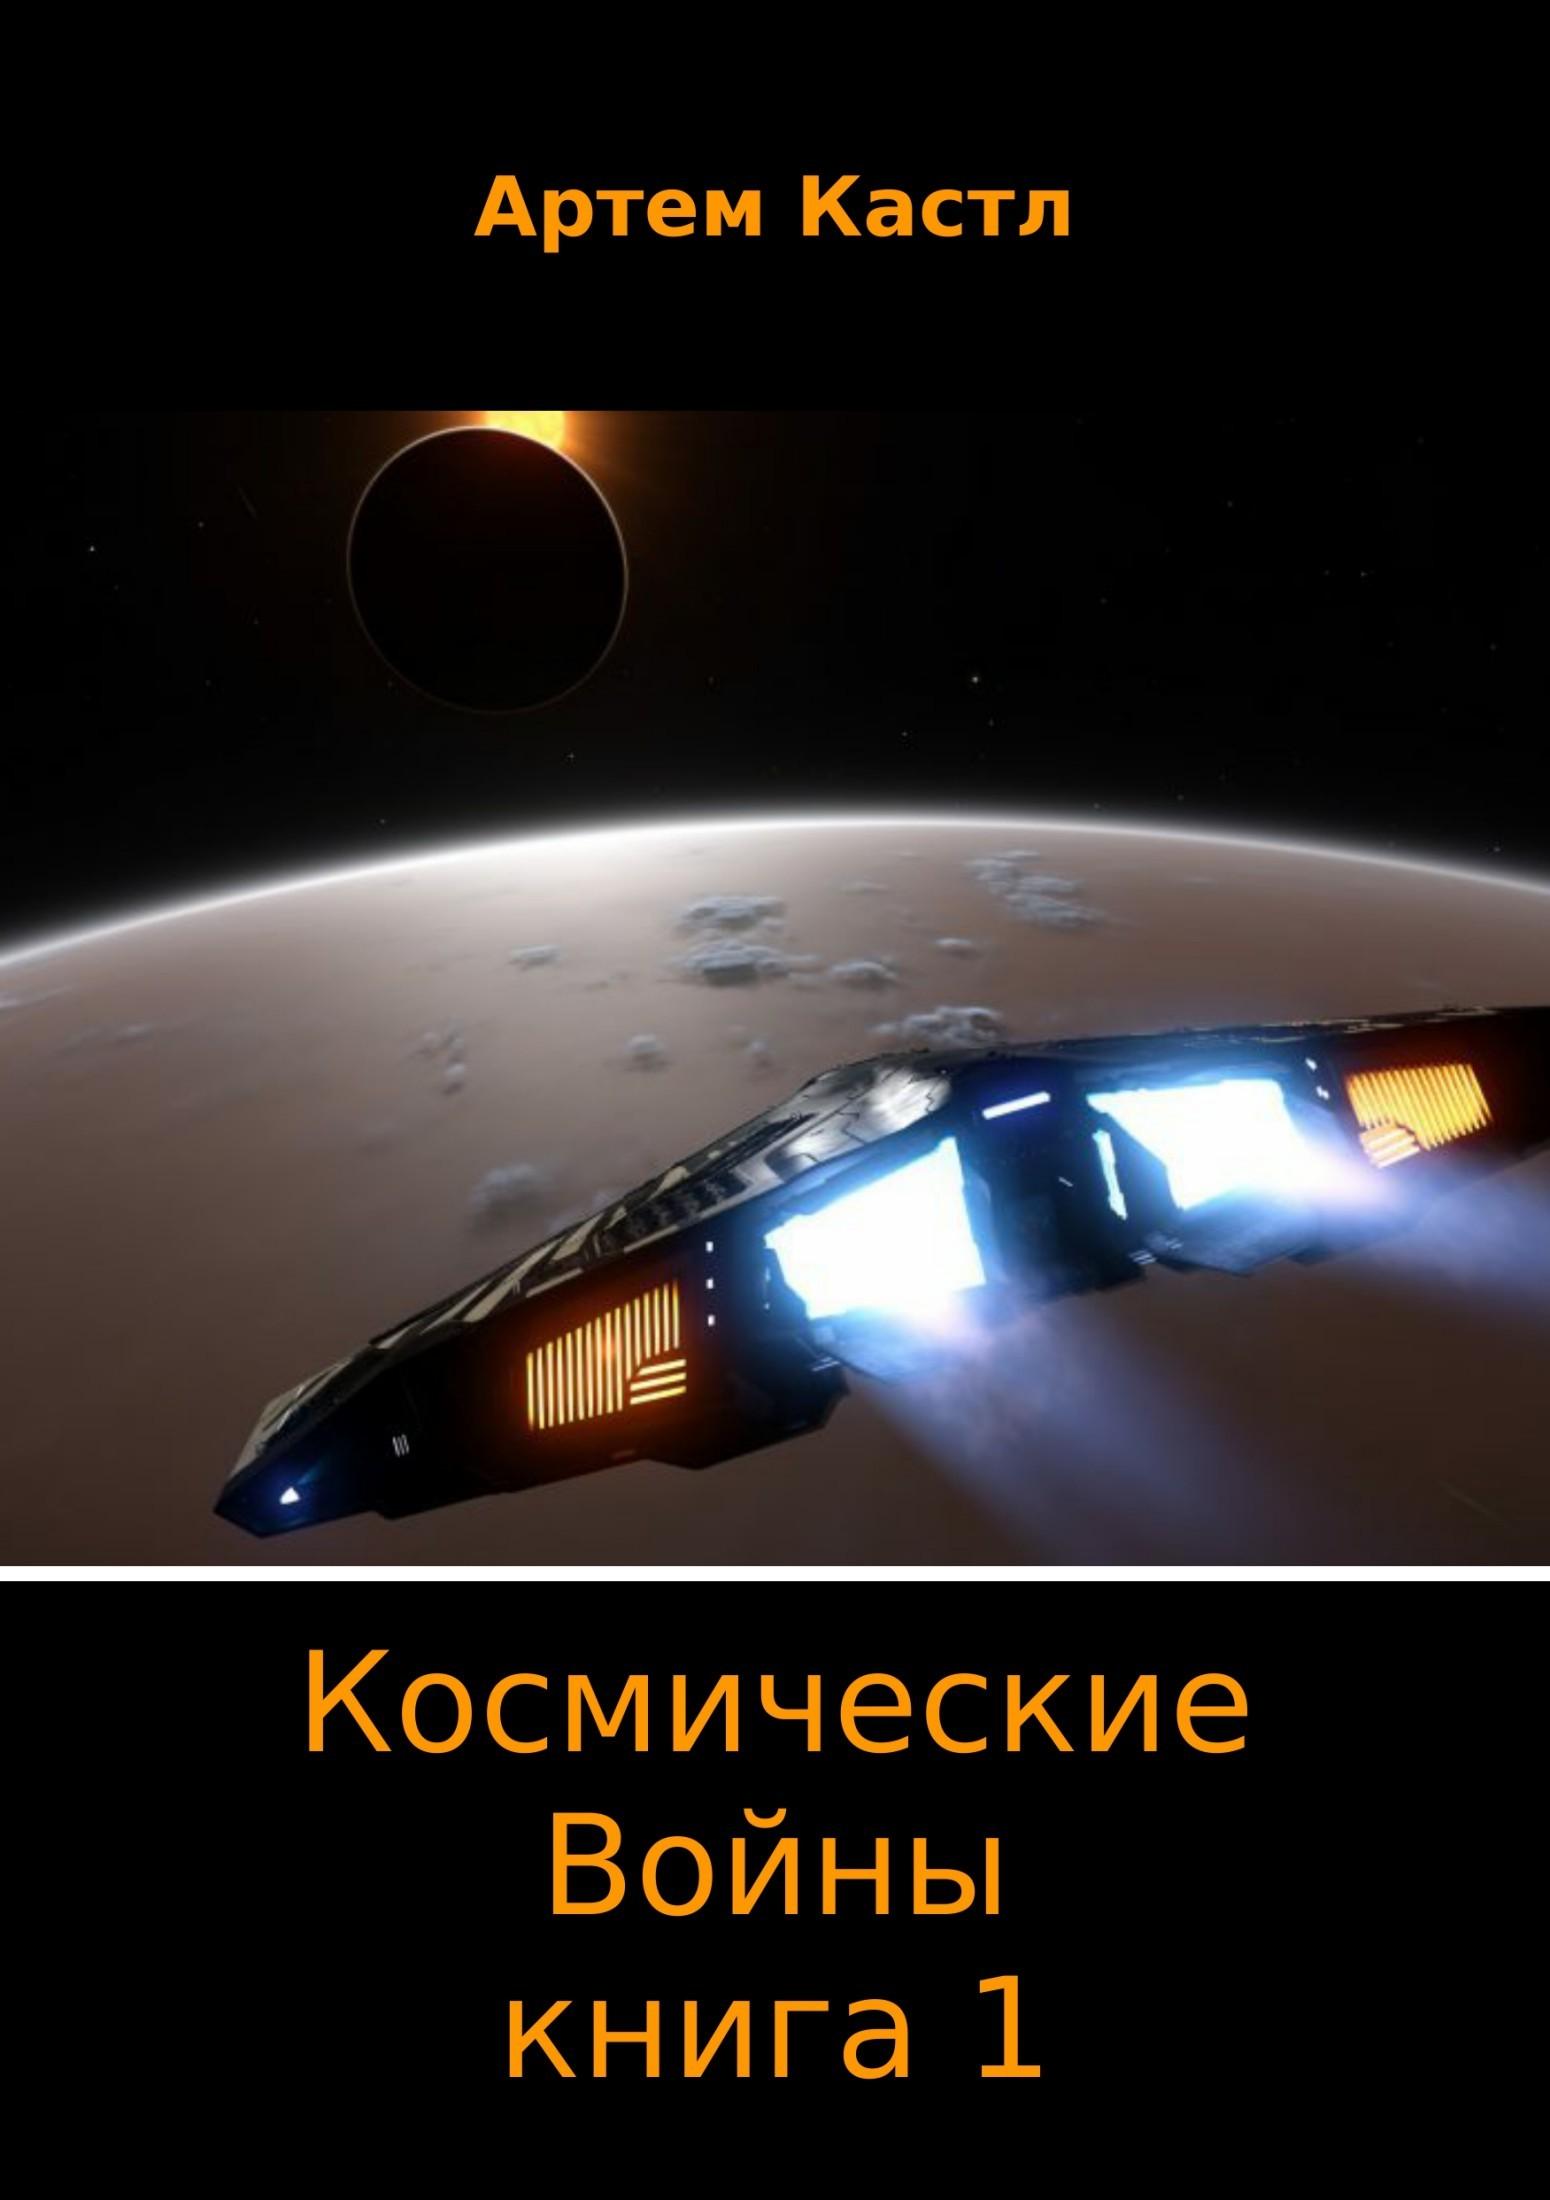 Артем Кастл Космические Войны. Книга 1 артем кастл космические войны зейла